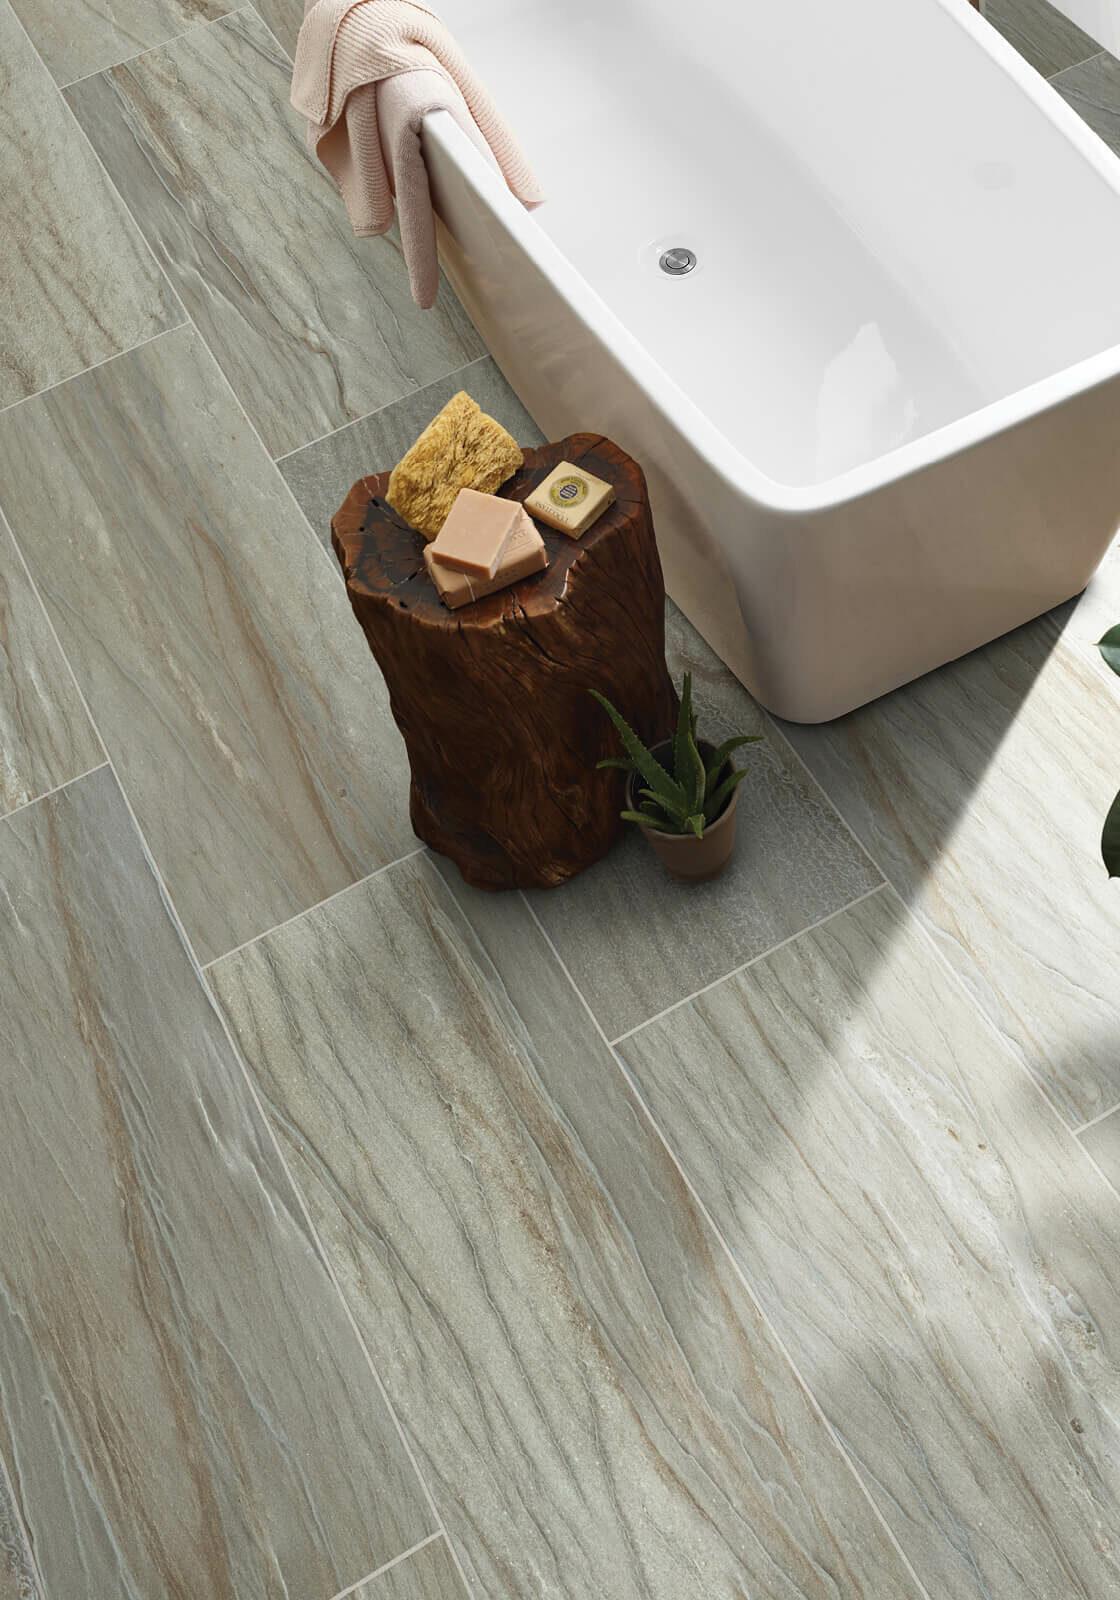 Sanctuary bathroom tile | Elite Flooring and Interiors Inc